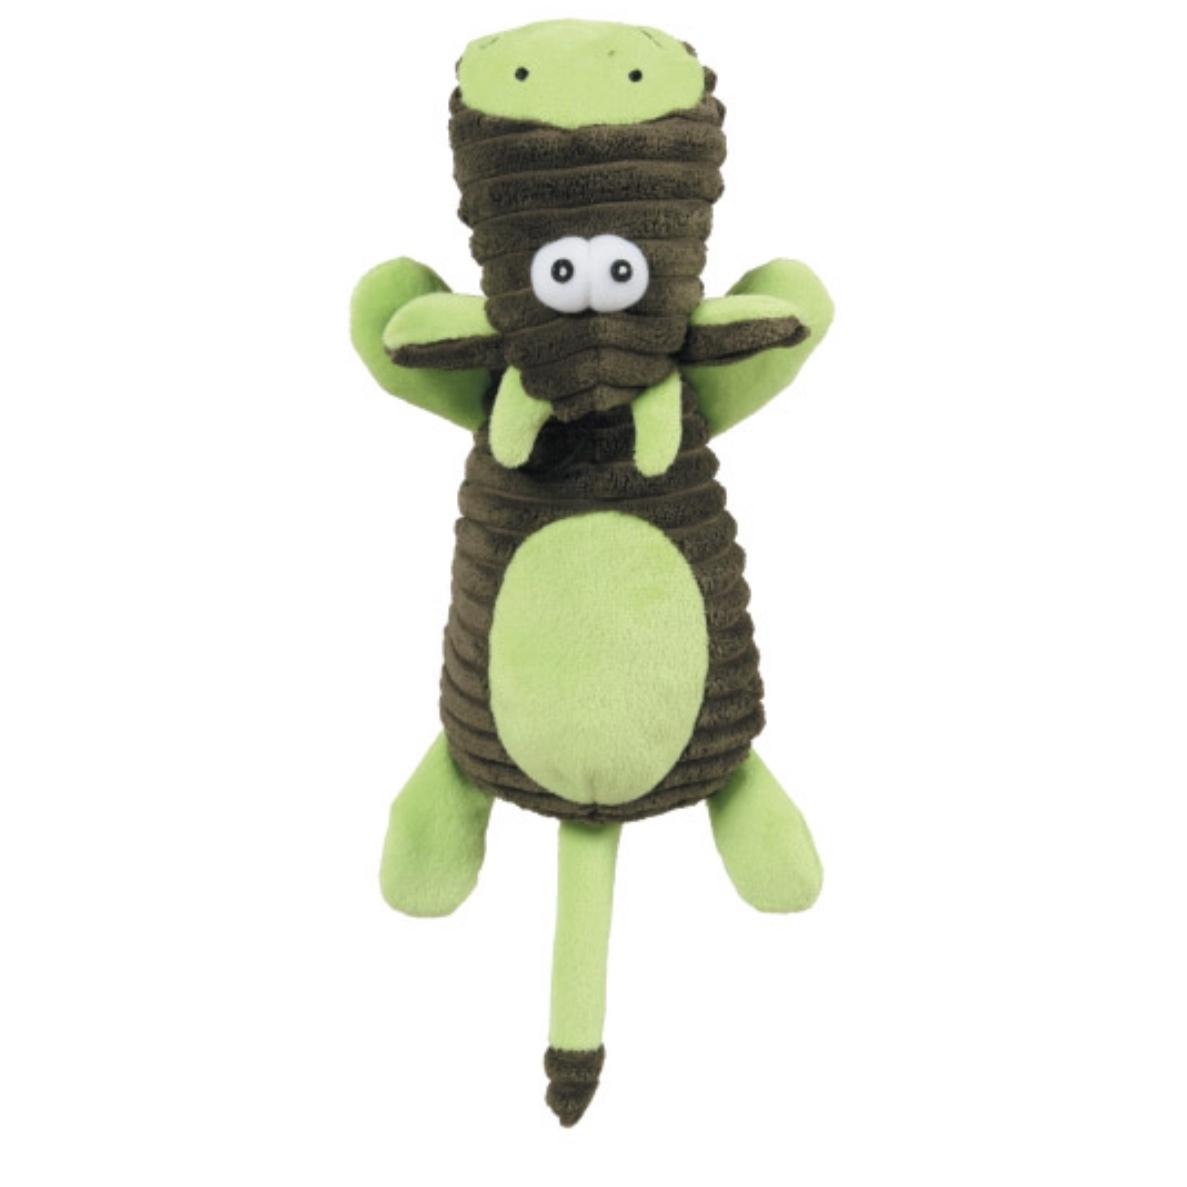 игрушка для йоркширского терьера